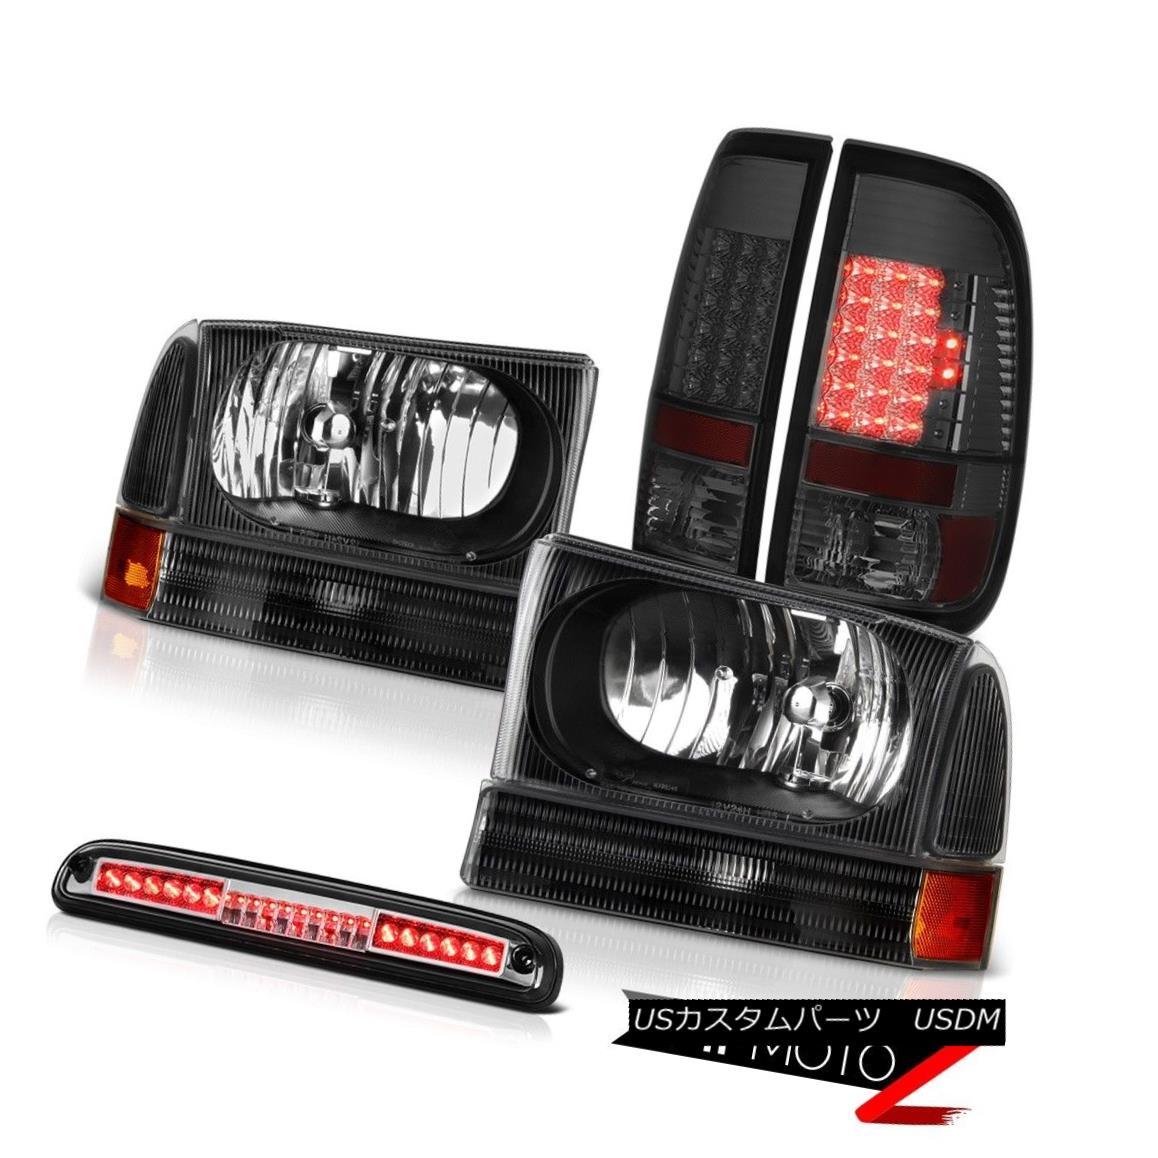 テールライト 99-04 F250 Harley Davidson Black Headlamps LED Bulbs Tail Lights Roof Stop Clear 99-04 F250ハーレーダビッドソンブラックヘッドランプLED電球テールライトルーフストップクリア